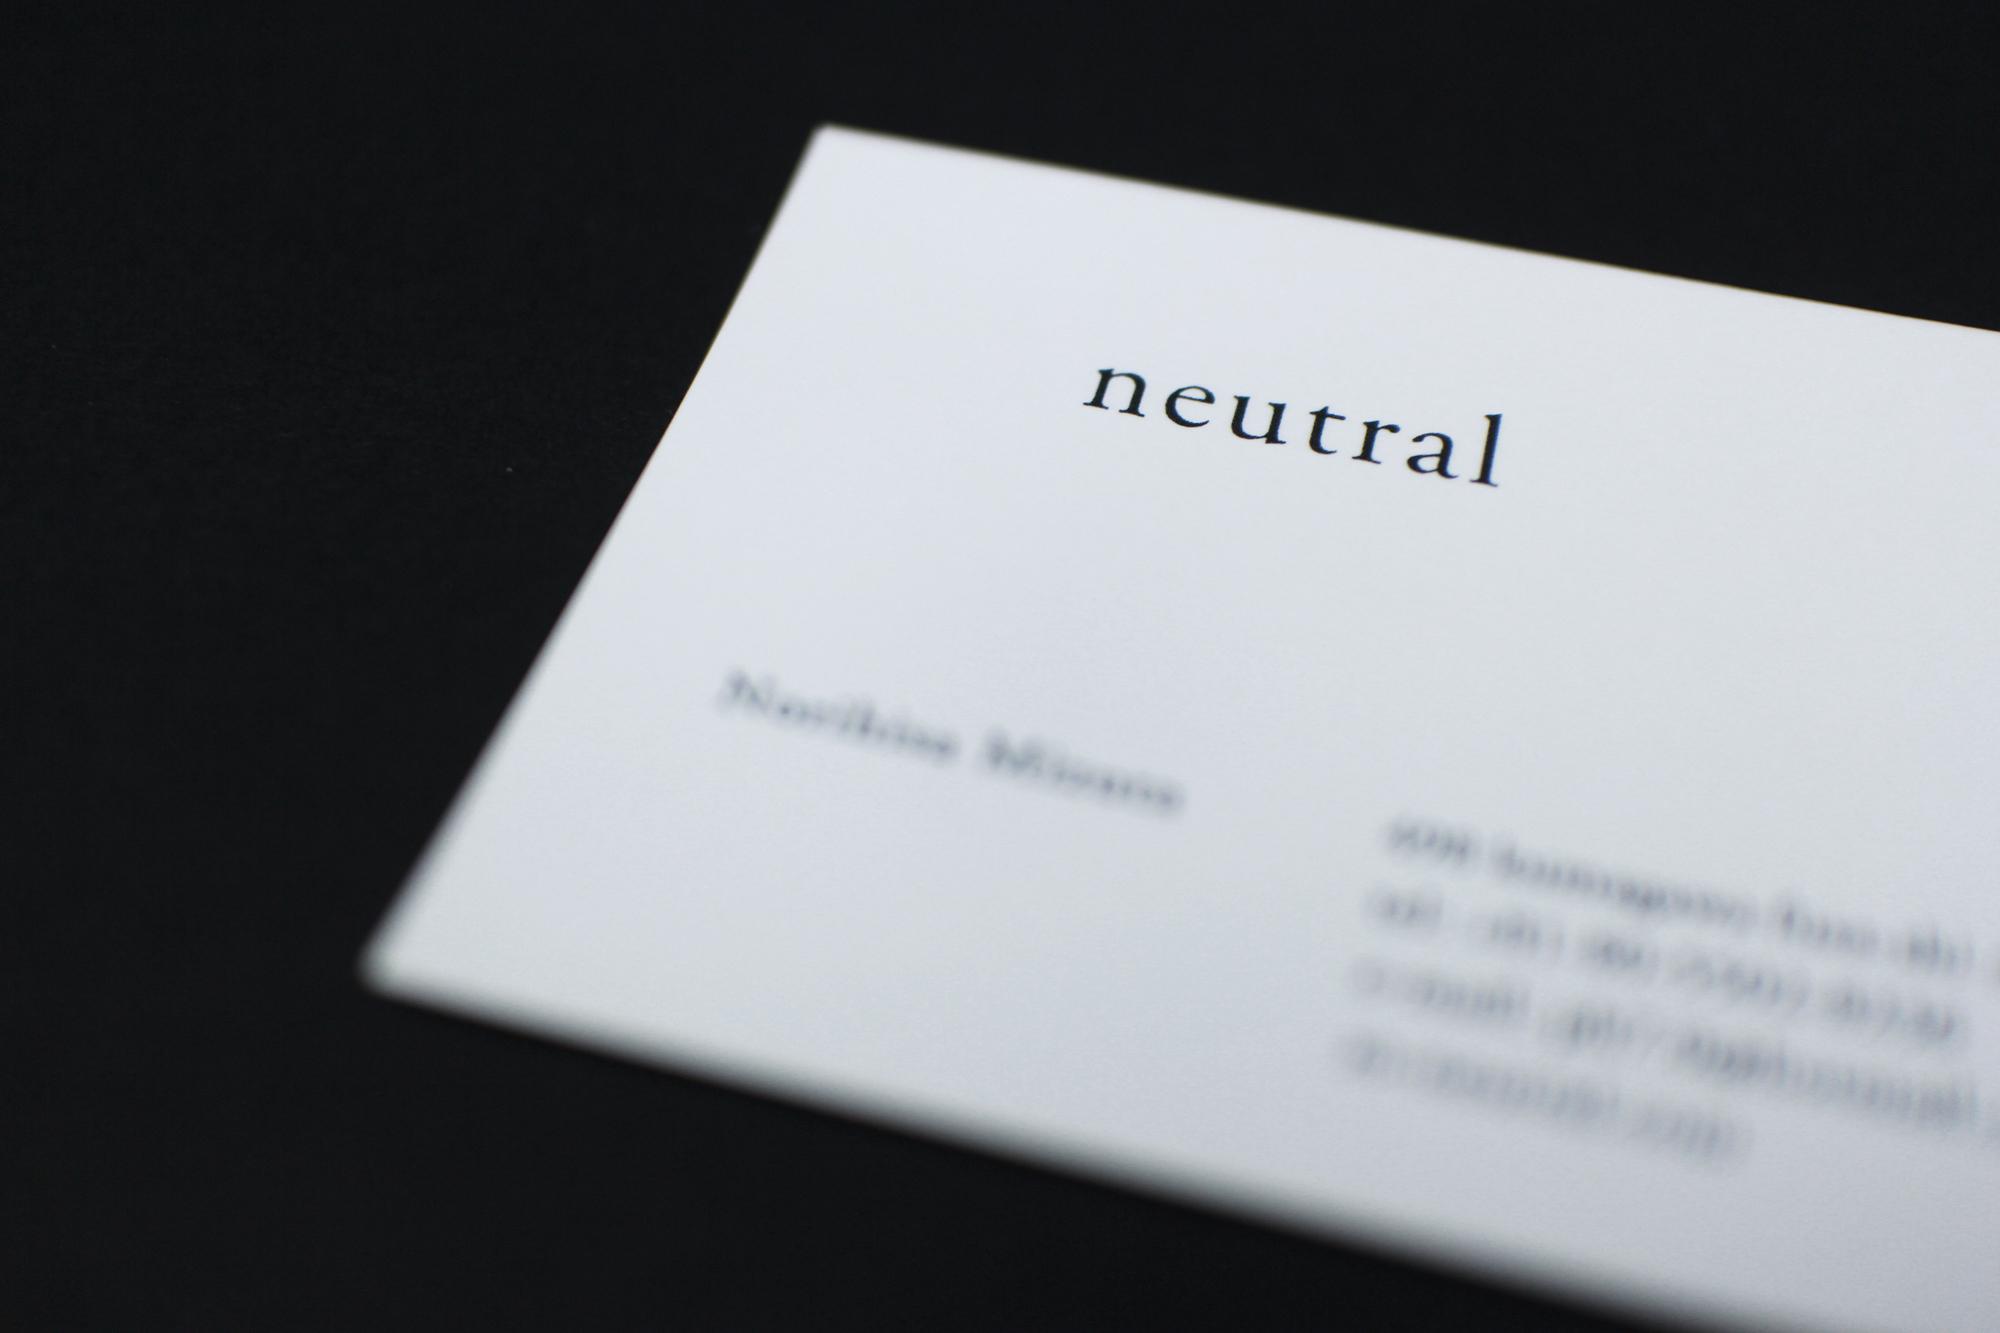 neutral_6